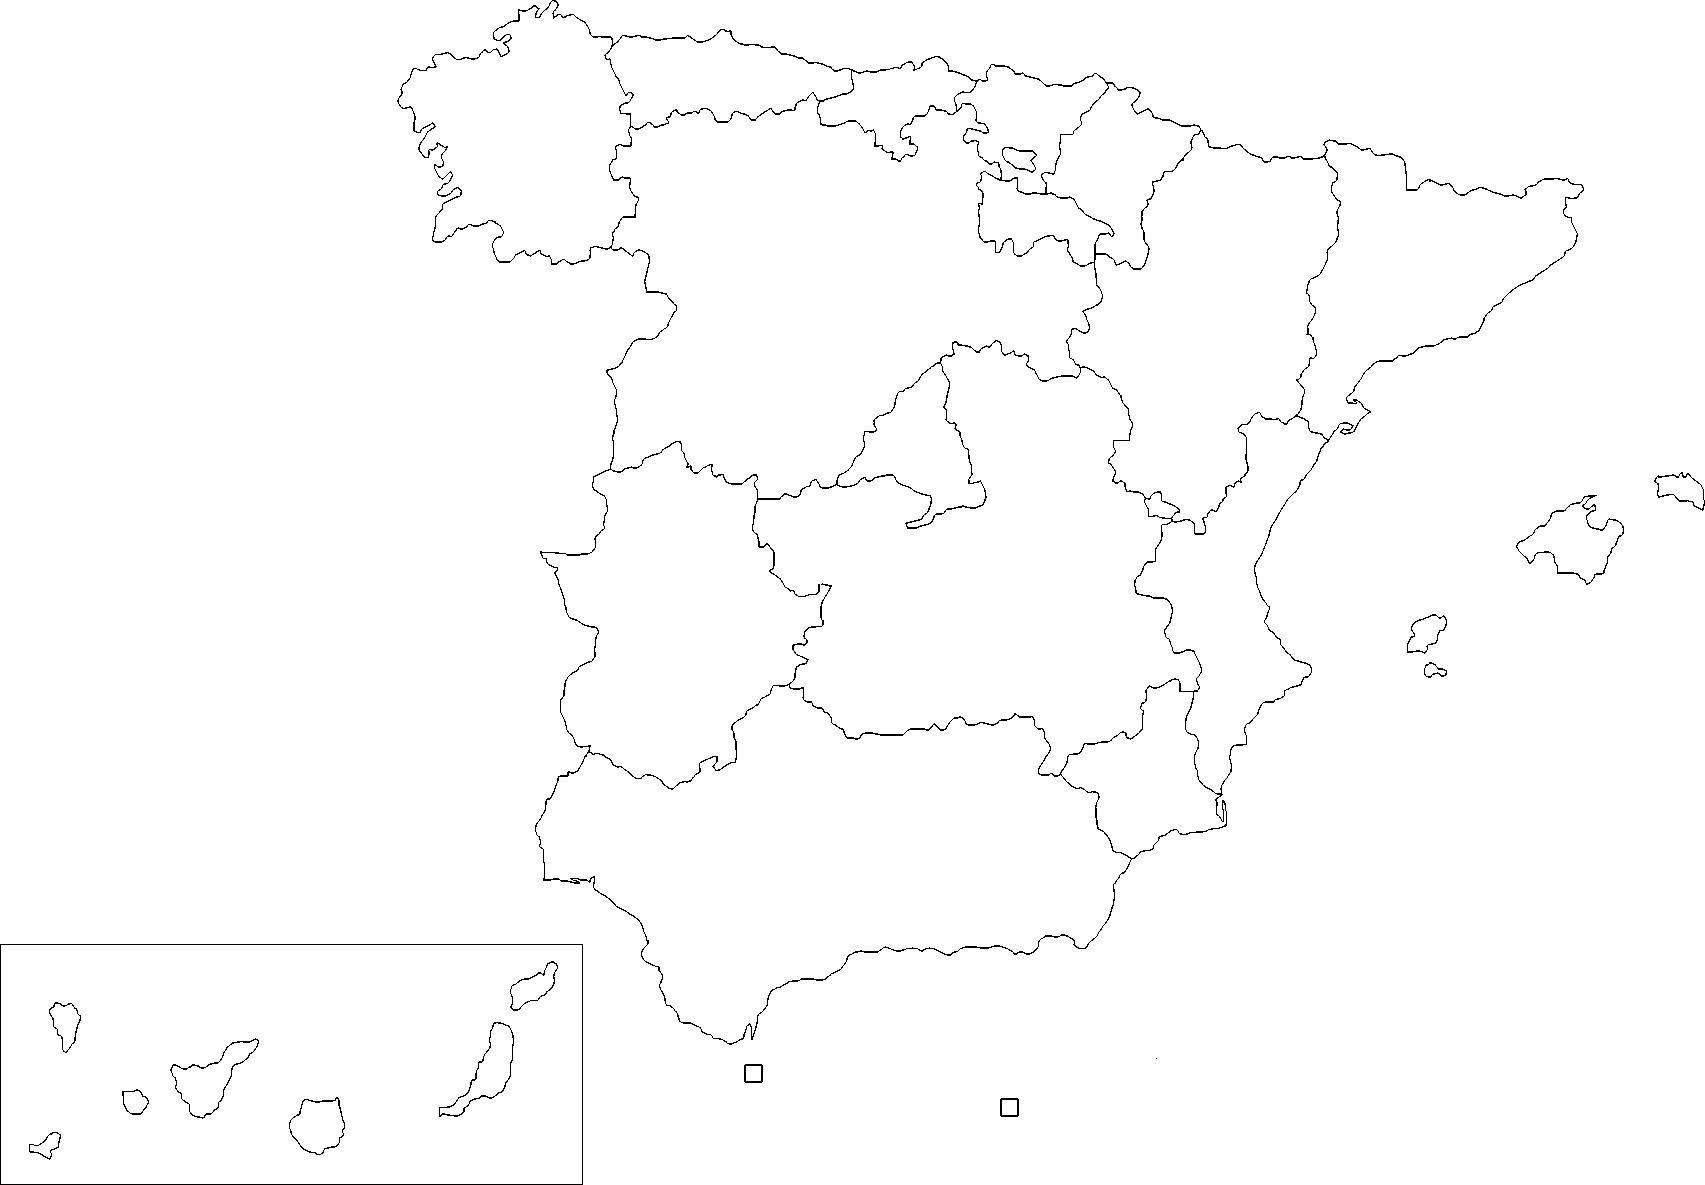 Mapa Mudo de España mostrando sus Comunidades Autónomas